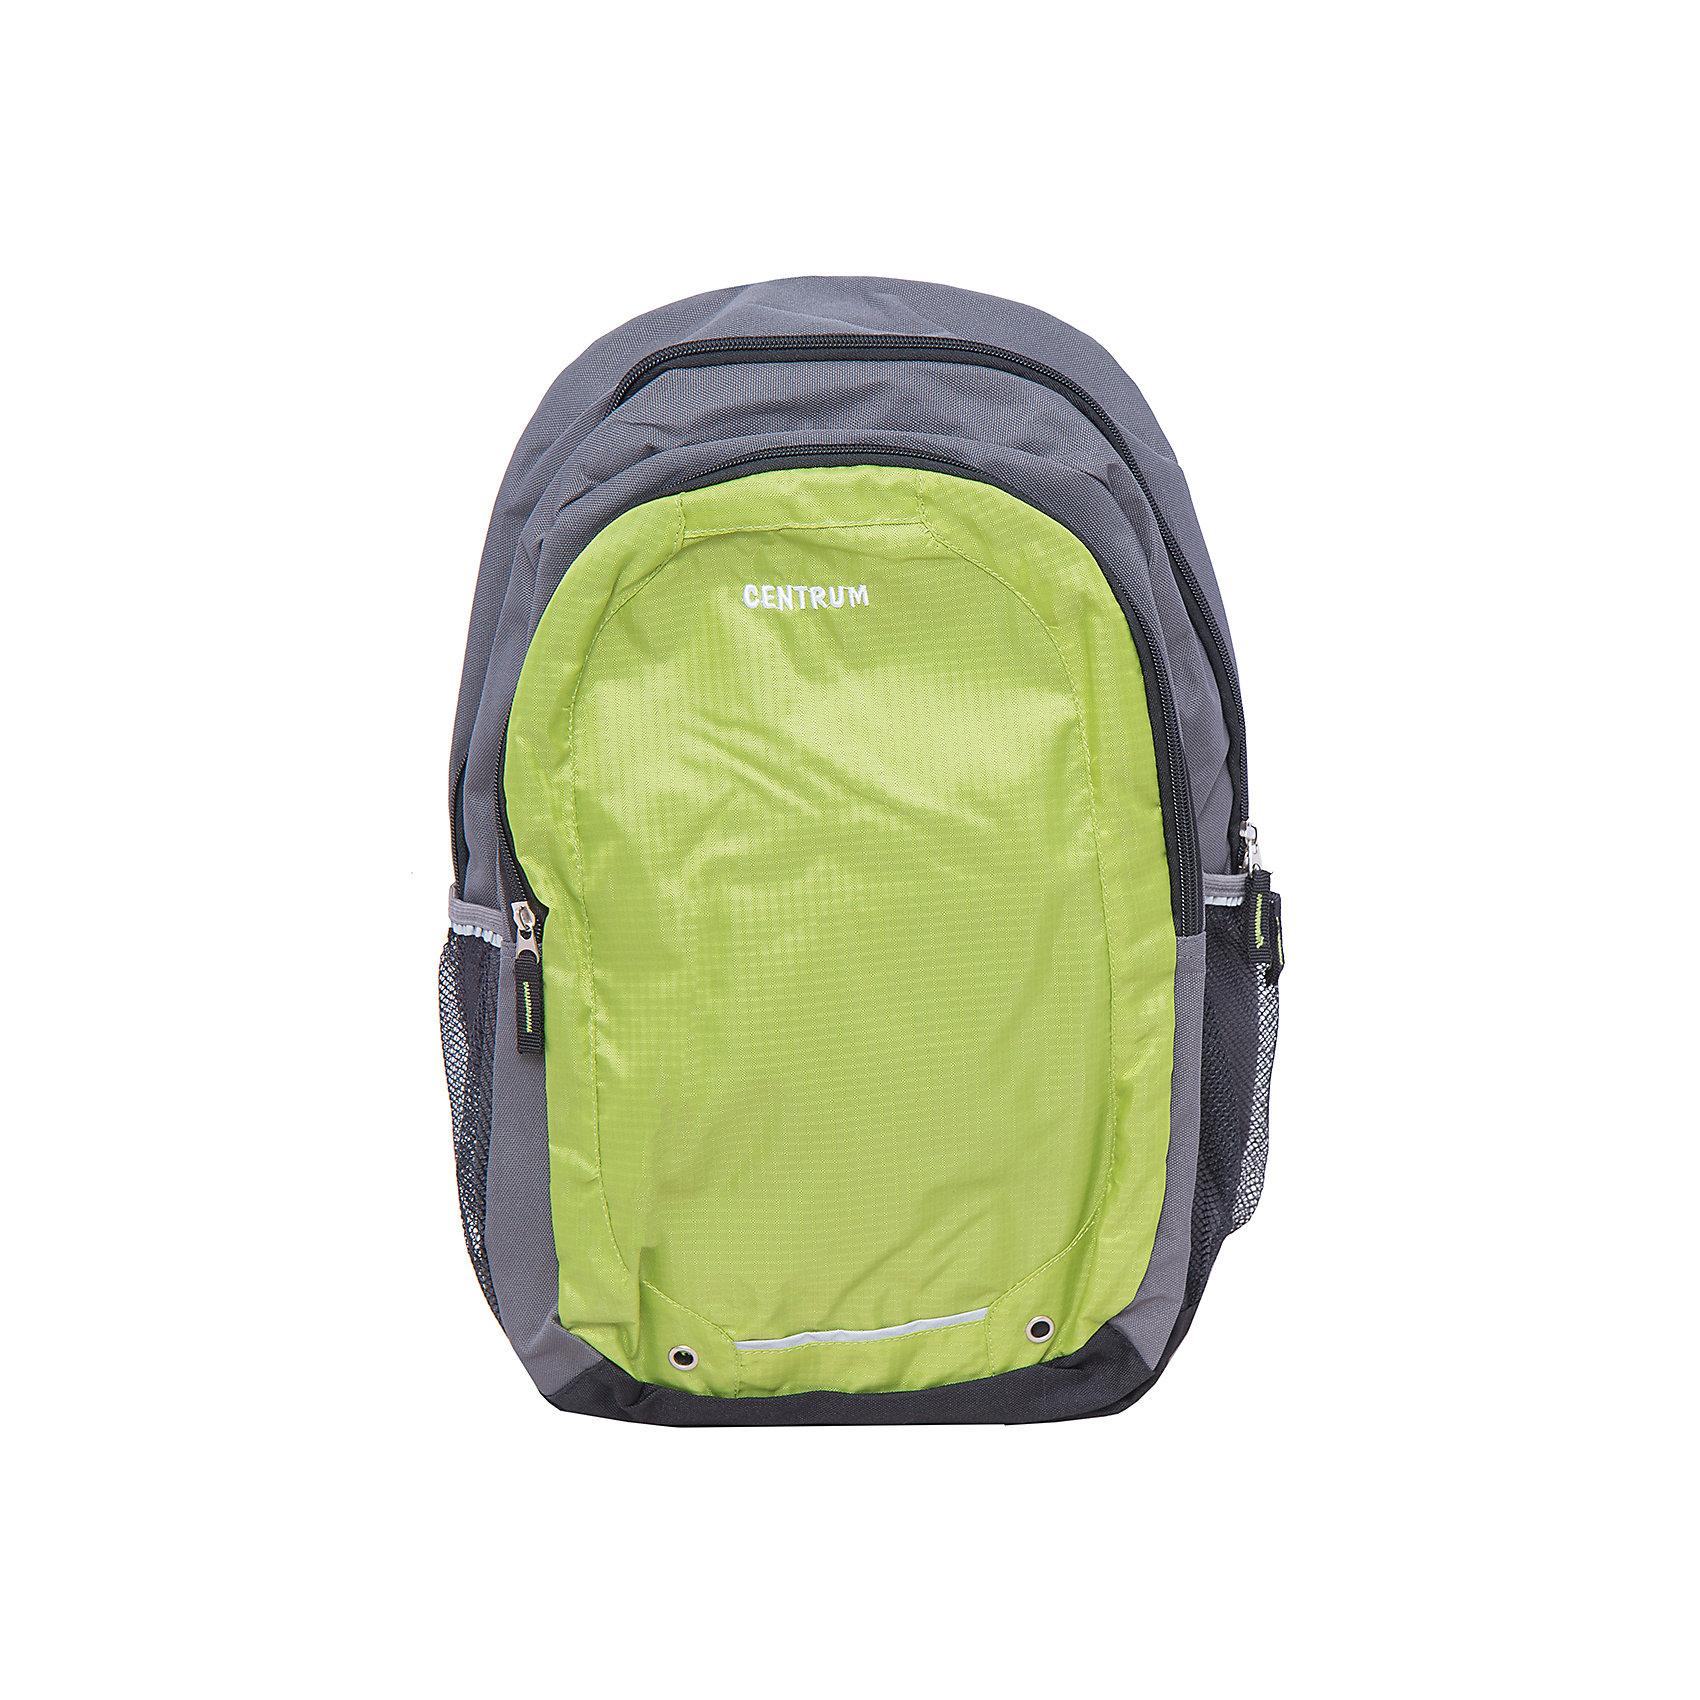 Детский рюкзакДетский рюкзак, CENTRUM (Центрум) ? рюкзак отечественного бренда детской серии. Рюкзаки этой серии выполнены из непромокаемого и прочного полиэстера высокого качества, отличаются легким весом. <br>Внутреннее устройство рюкзака состоит из одного вместительного отсека. По бокам рюкзака имеются два сетчатых кармана. Эргономичность рюкзака обеспечивается плотной спинкой и широкими регулируемыми лямками. Для удобства переноса рюкзака в руках имеется  ручка-петля. <br>Рюкзак выполнен в лаконичном дизайне: передняя стенка выполнена в красном цвете с брендовой надписью, основной фон рюкзака – серый.<br>Детский рюкзак, CENTRUM (Центрум) ? это многофункциональность, качество и удобство использования. <br><br>Дополнительная информация:<br><br>- Вес: 435 г<br>- Габариты (Д*Г*В): 15*33*47,5 см<br>- Цвет: серый, красный<br>- Материал: полиэстер<br>- Сезон: круглый год<br>- Коллекция: детская<br>- Пол: мужской<br>- Предназначение: для школы, для занятий спортом, для путешествий <br>- Особенности ухода: можно чистить влажной щеткой или губкой<br><br>Подробнее:<br><br>• Для детей в возрасте: от 3 лет и до 10 лет<br>• Страна производитель: Китай<br>• Торговый бренд: CENTRUM<br><br>Детский рюкзак, CENTRUM (Центрум) можно купить в нашем интернет-магазине.<br><br>Ширина мм: 150<br>Глубина мм: 330<br>Высота мм: 475<br>Вес г: 380<br>Возраст от месяцев: 36<br>Возраст до месяцев: 120<br>Пол: Женский<br>Возраст: Детский<br>SKU: 4865226